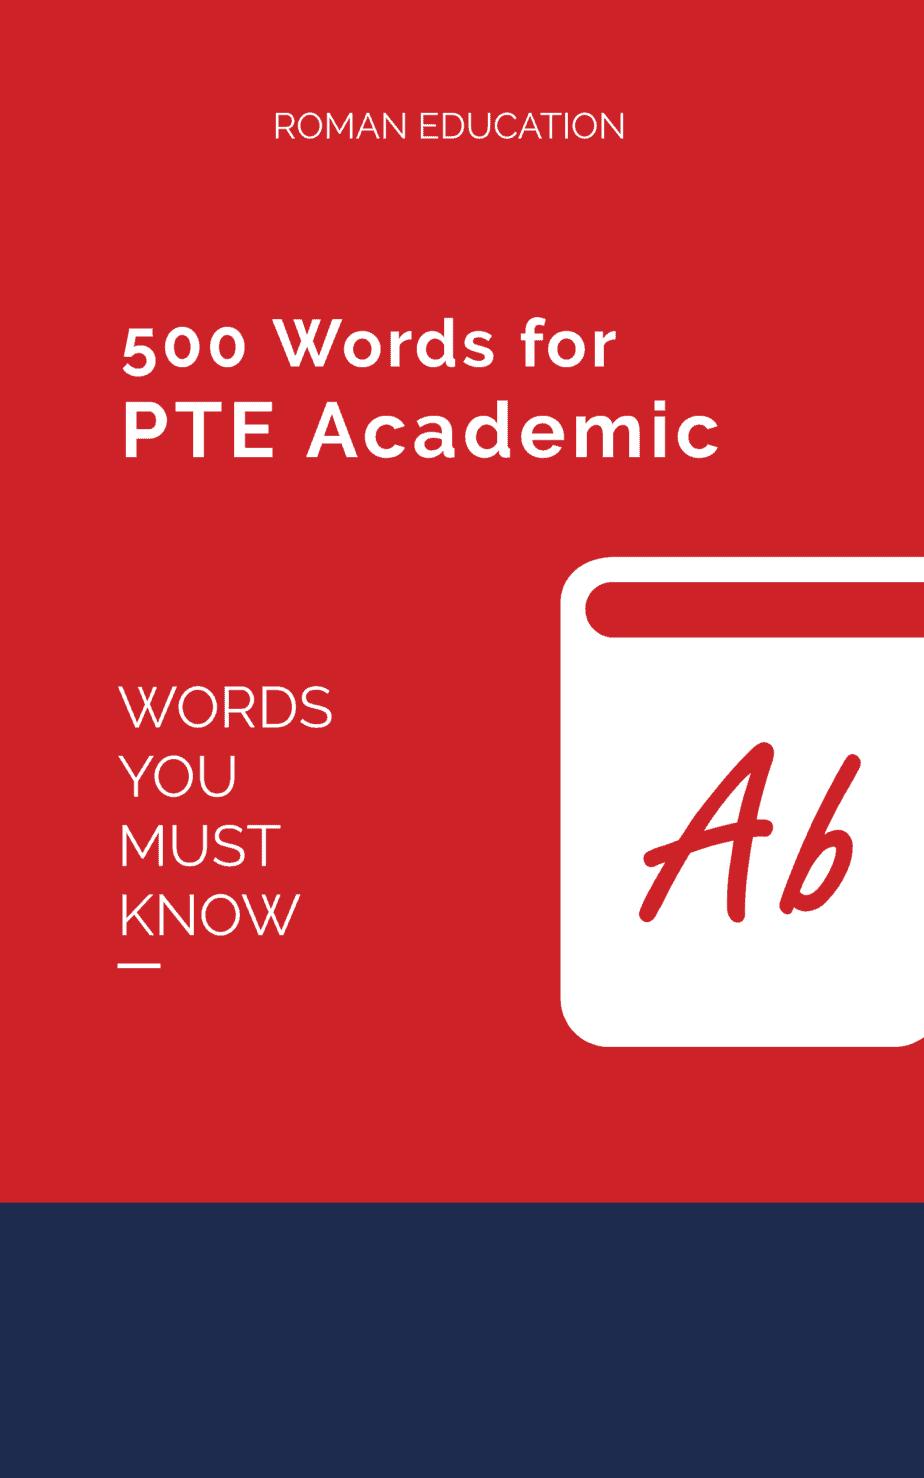 PTE vocabulary